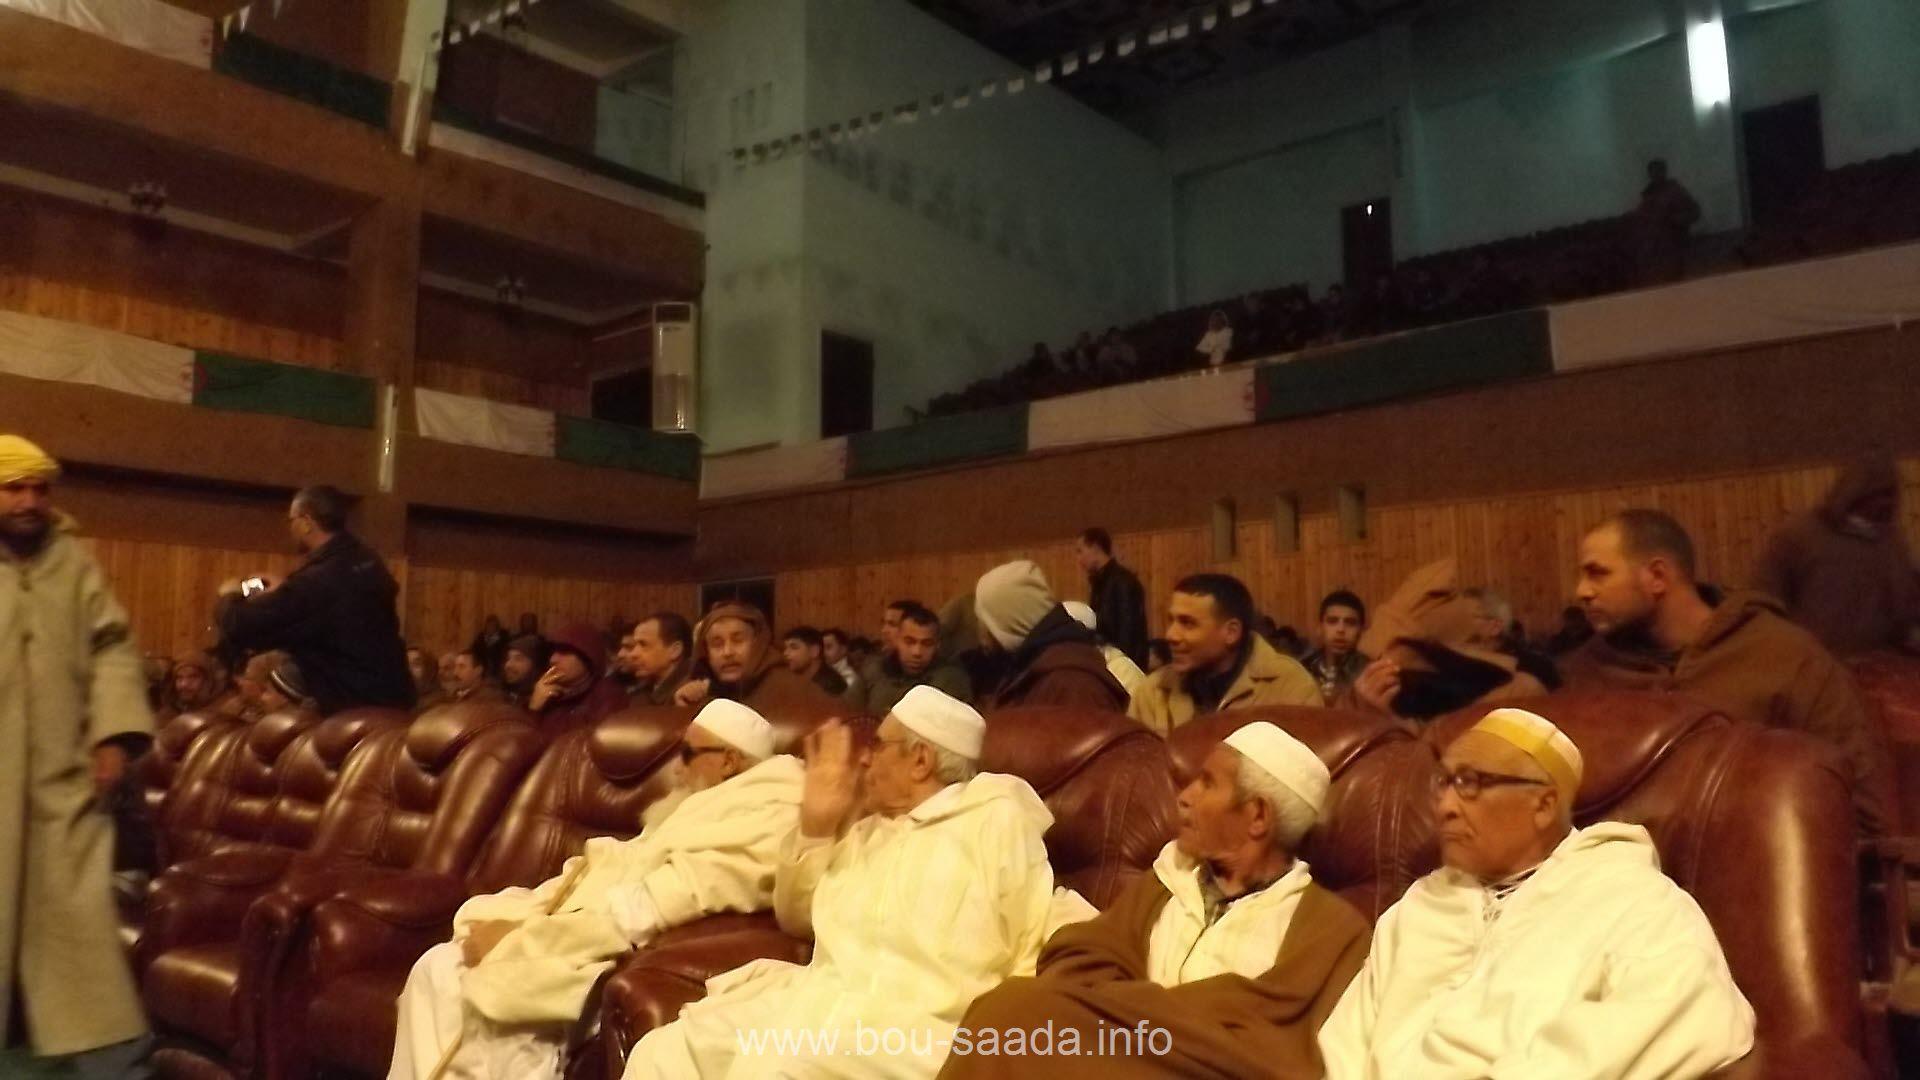 تجمع النواب والمجتمع المدني للمطالبة ببوسعادة ولاية